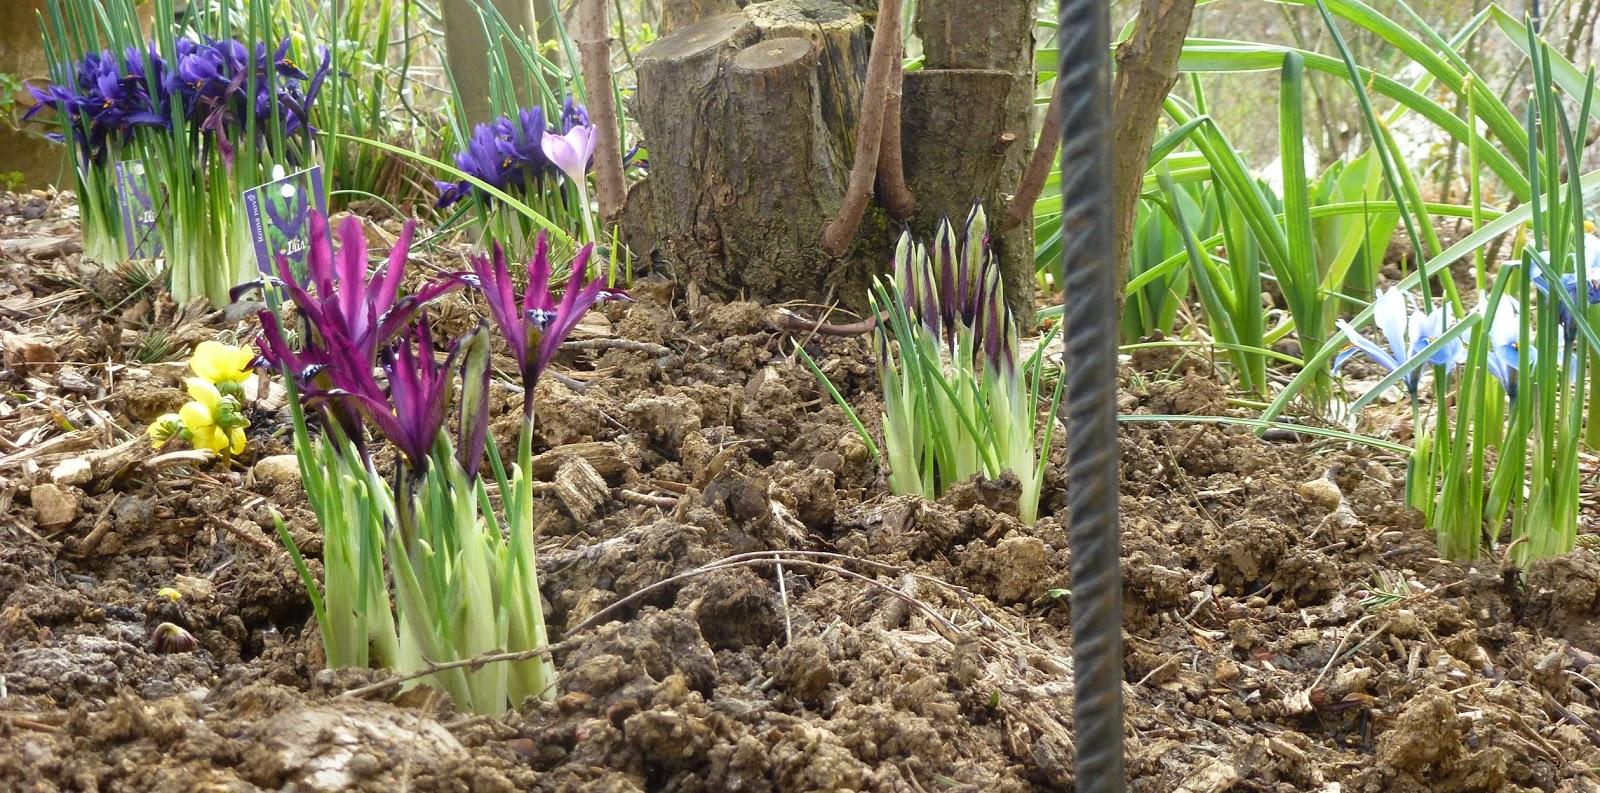 Le jardin des grandes vignes petits bulbes - Le jardin des grandes vignes ...